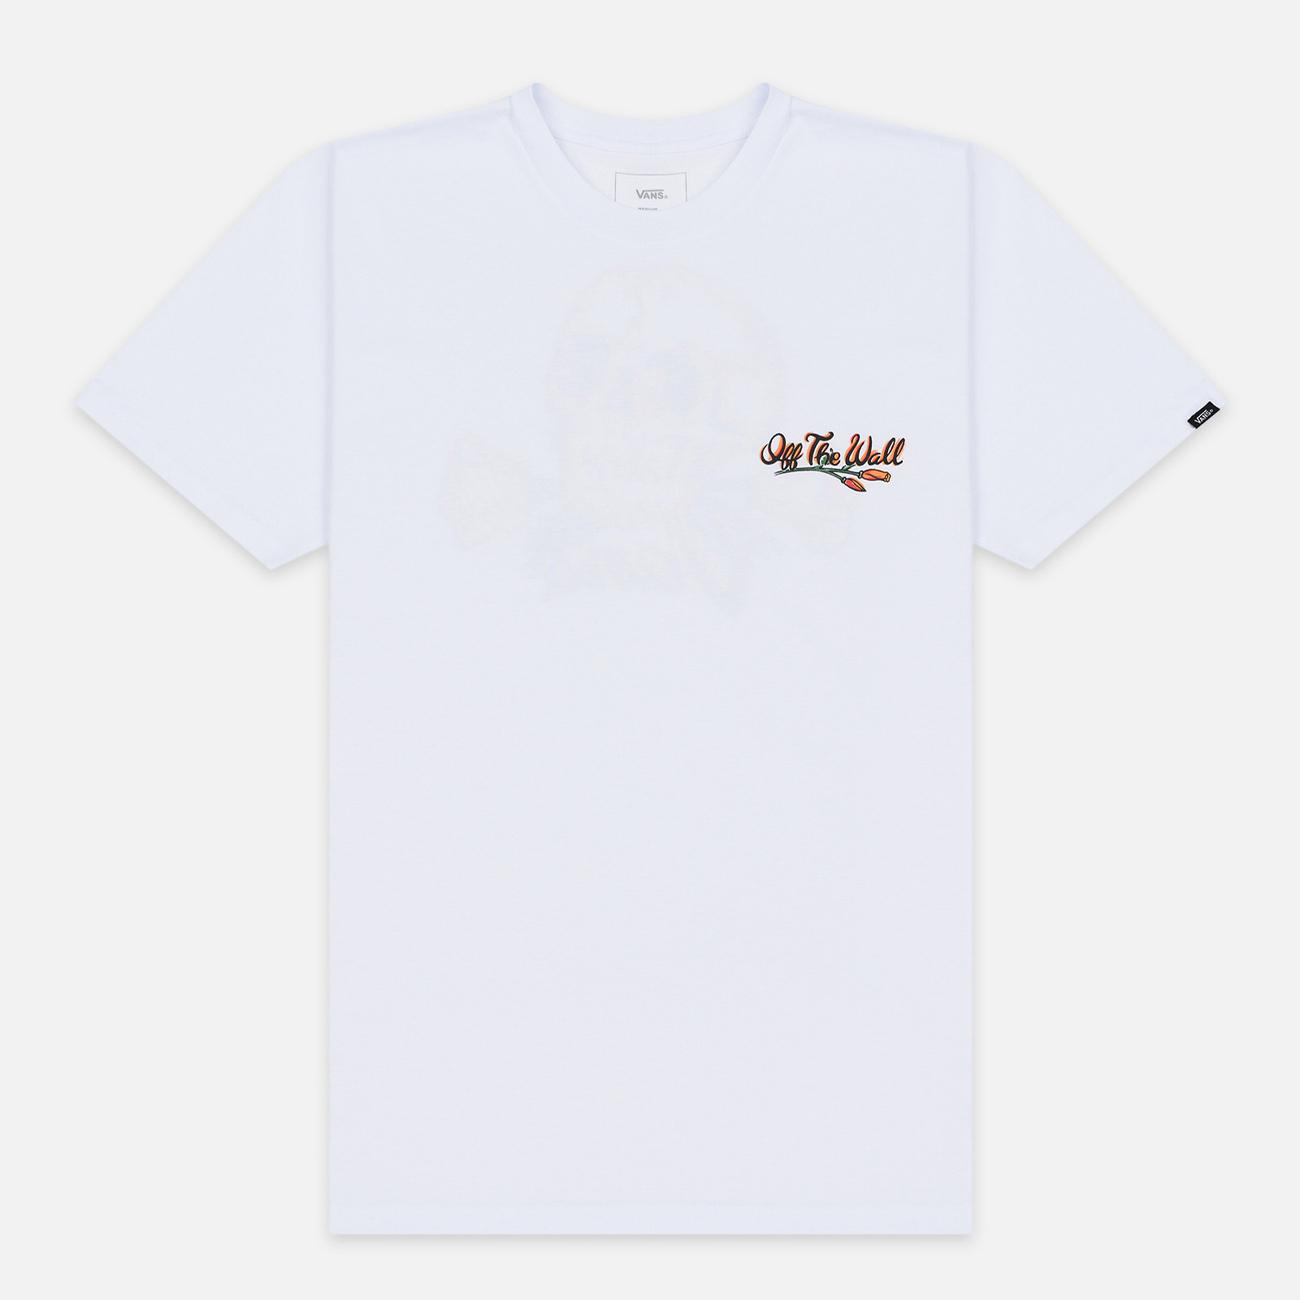 Мужская футболка Vans Bad Trip White